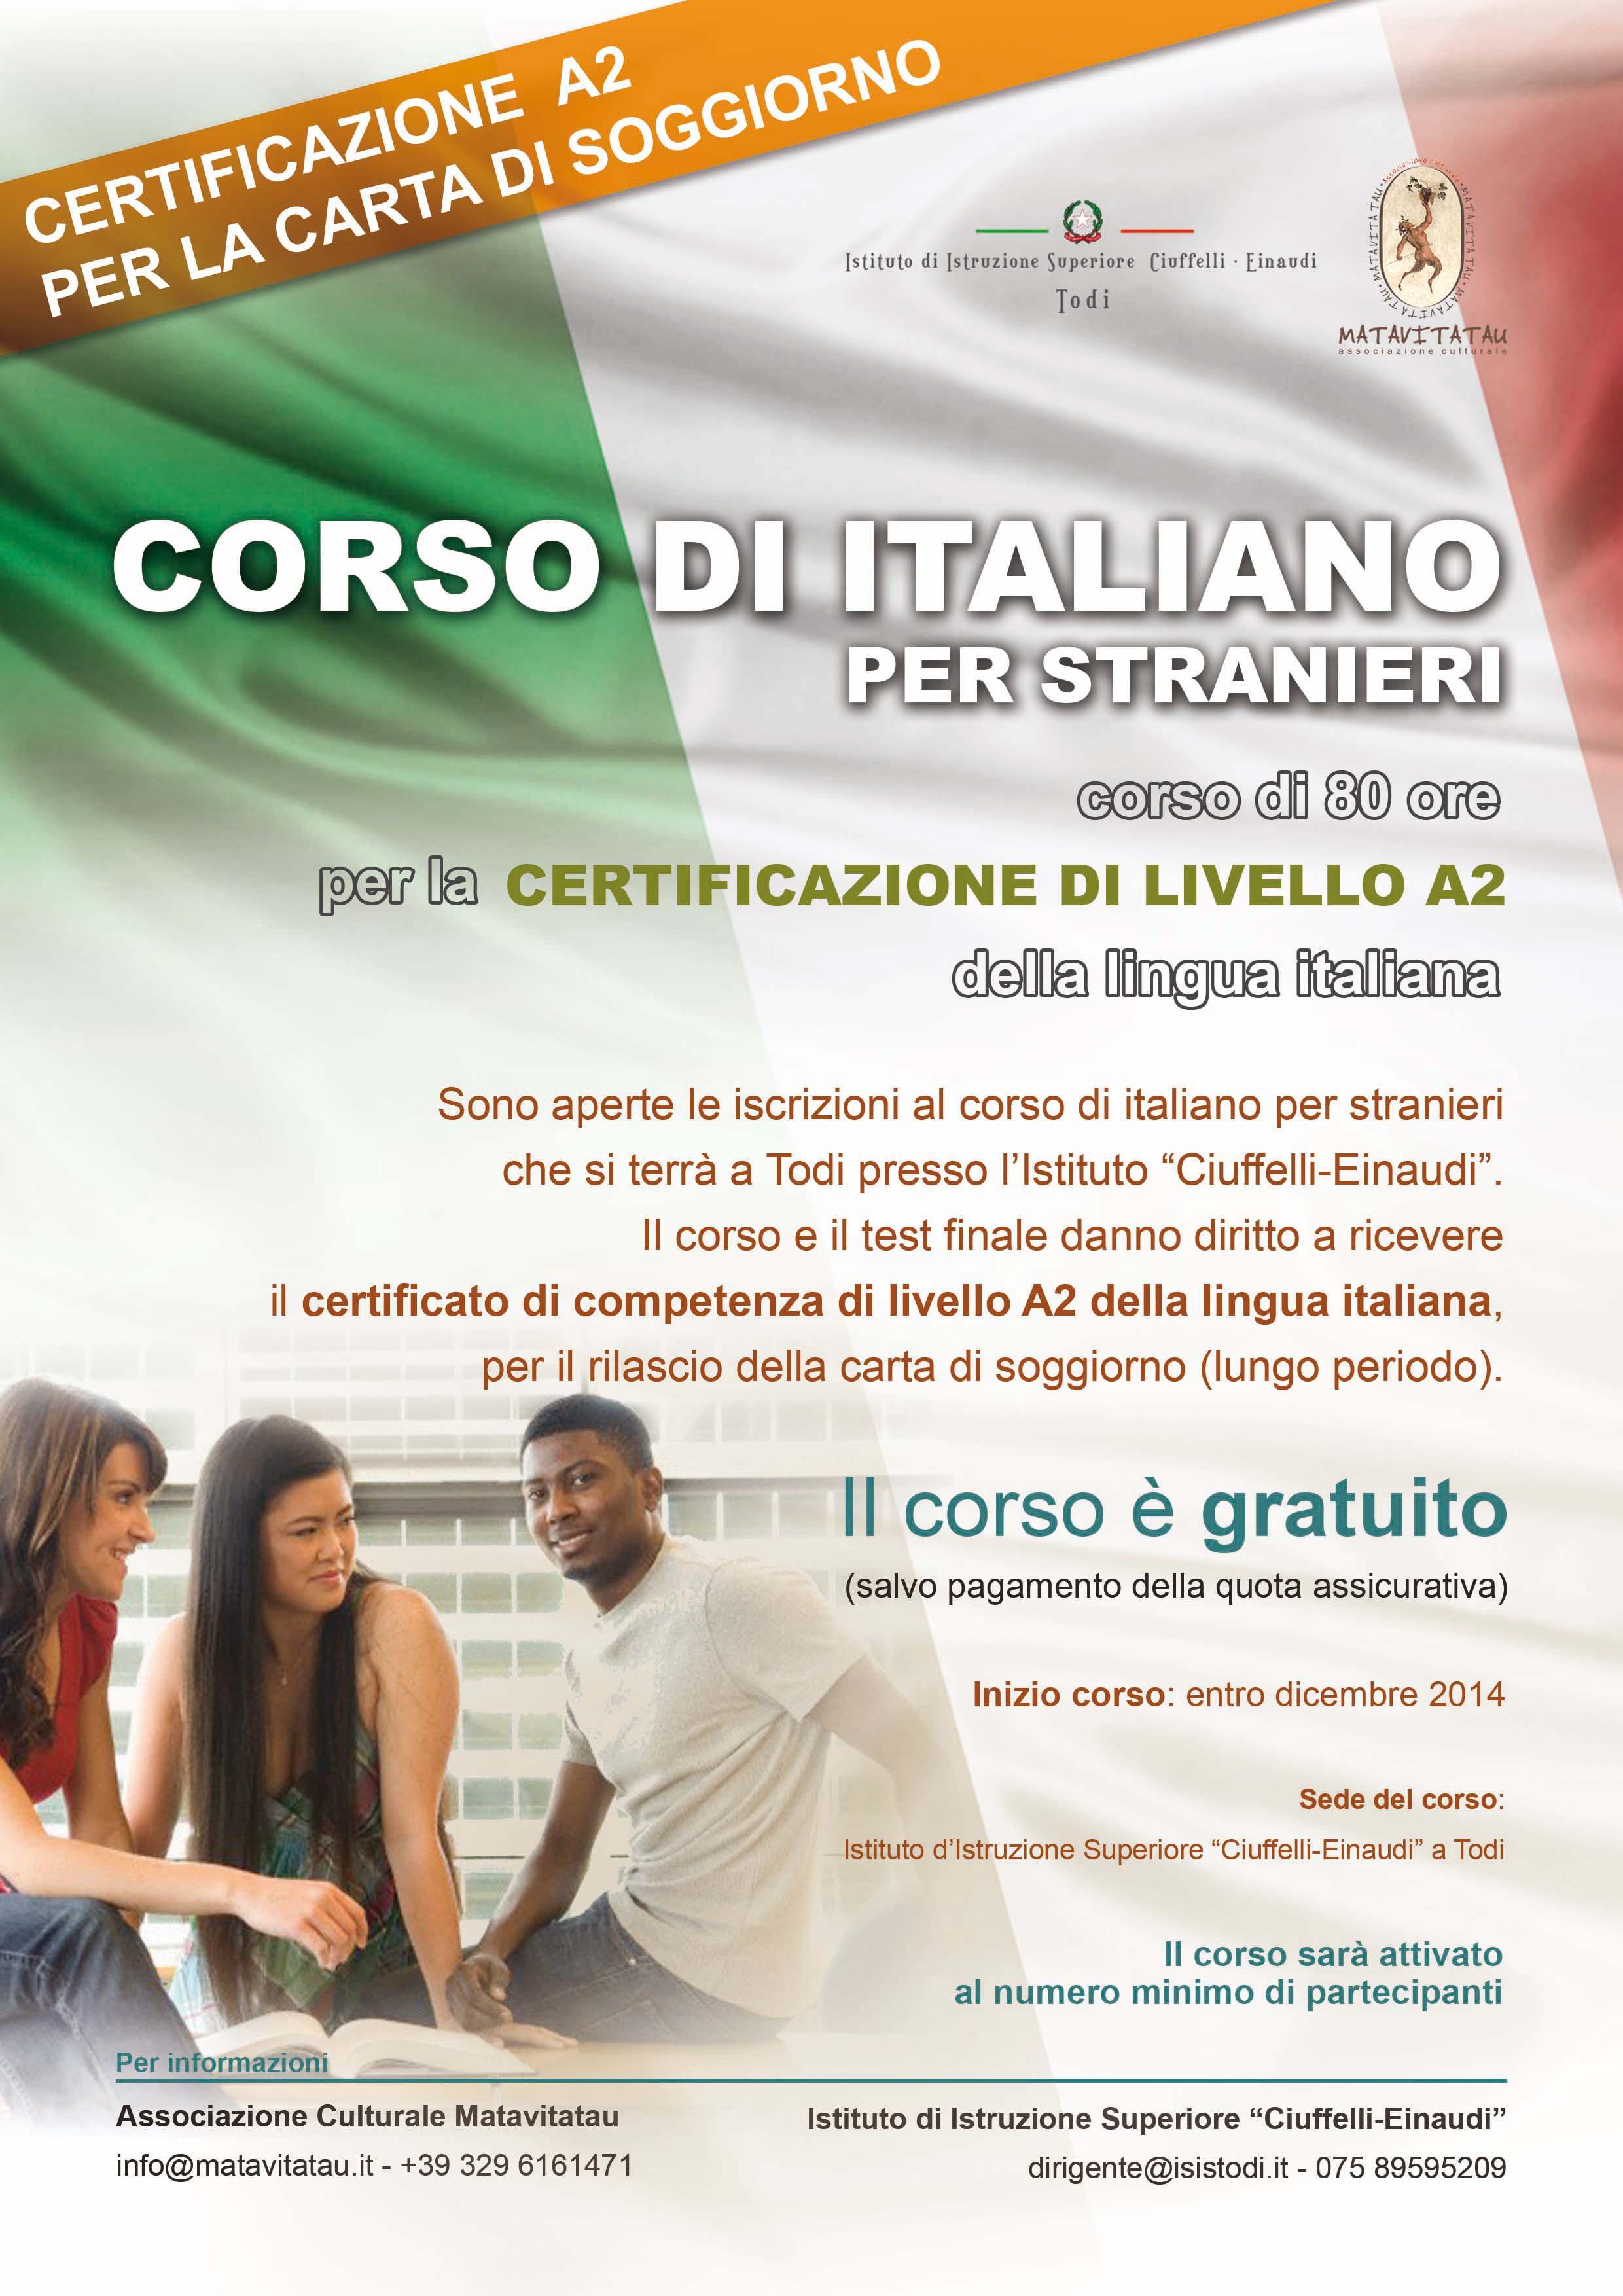 al ciuffelli einaudi corsi di italiano per stranieri